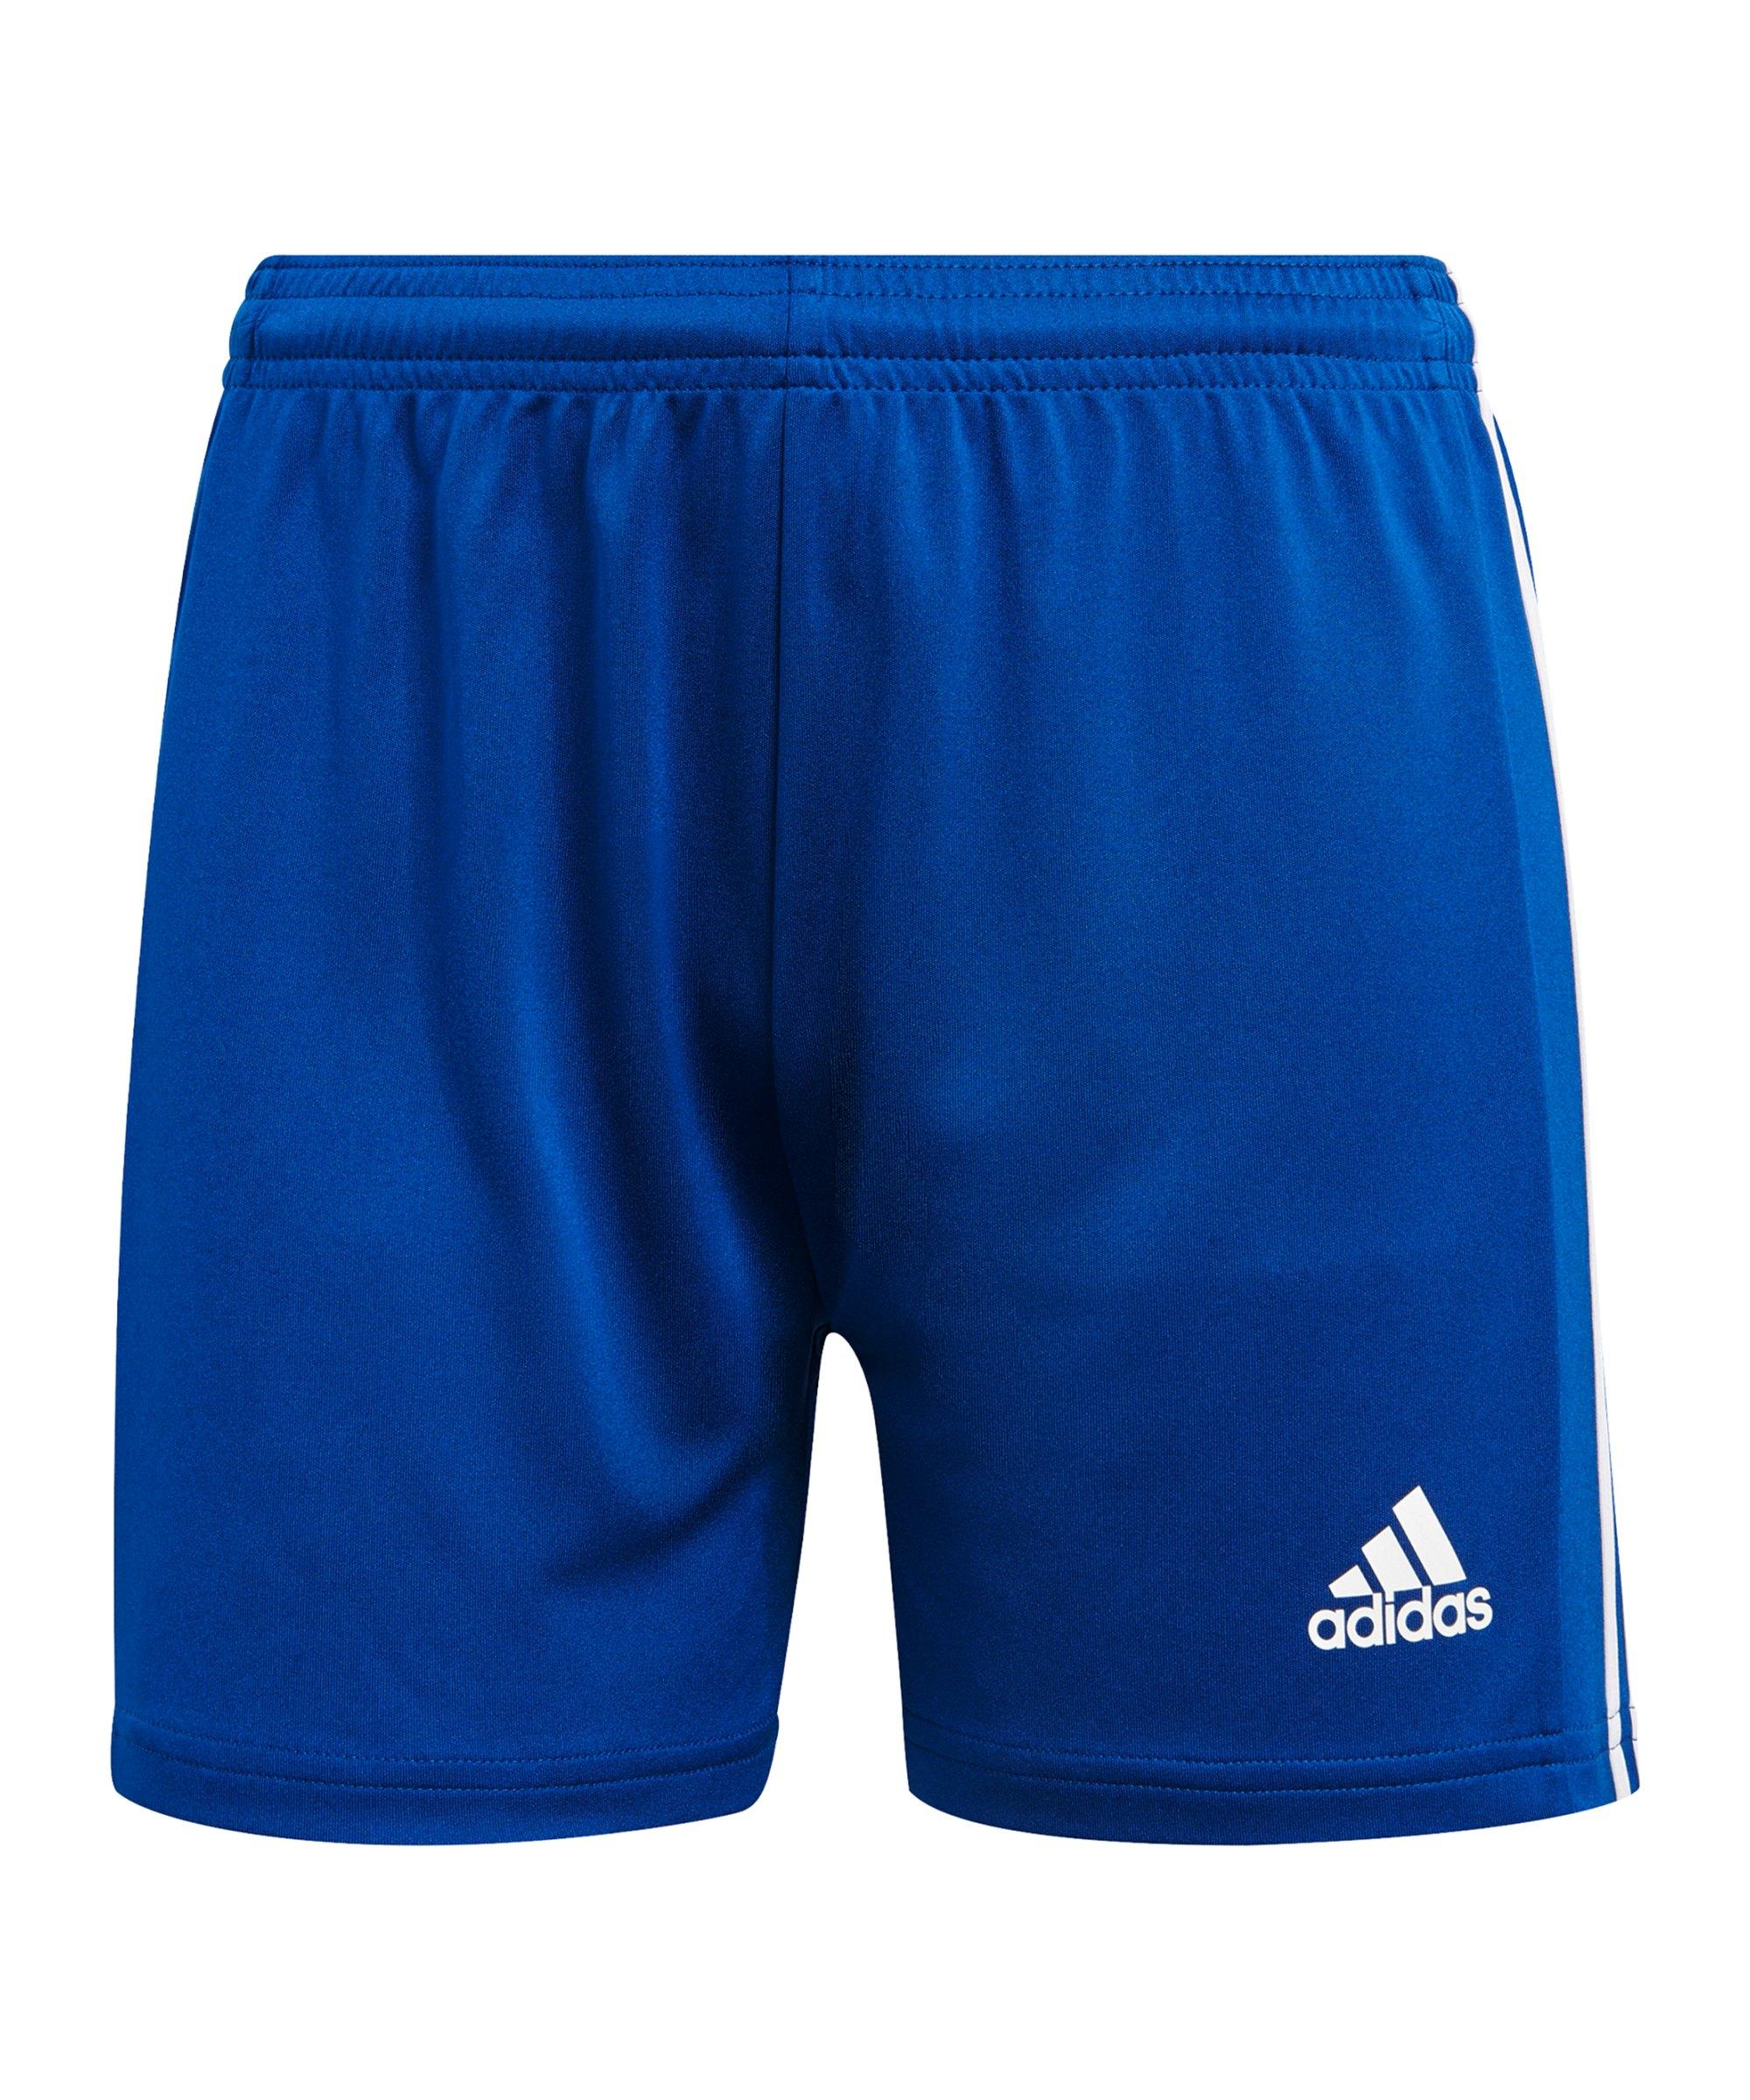 adidas Squadra 21 Short Damen Blau Weiss - blau